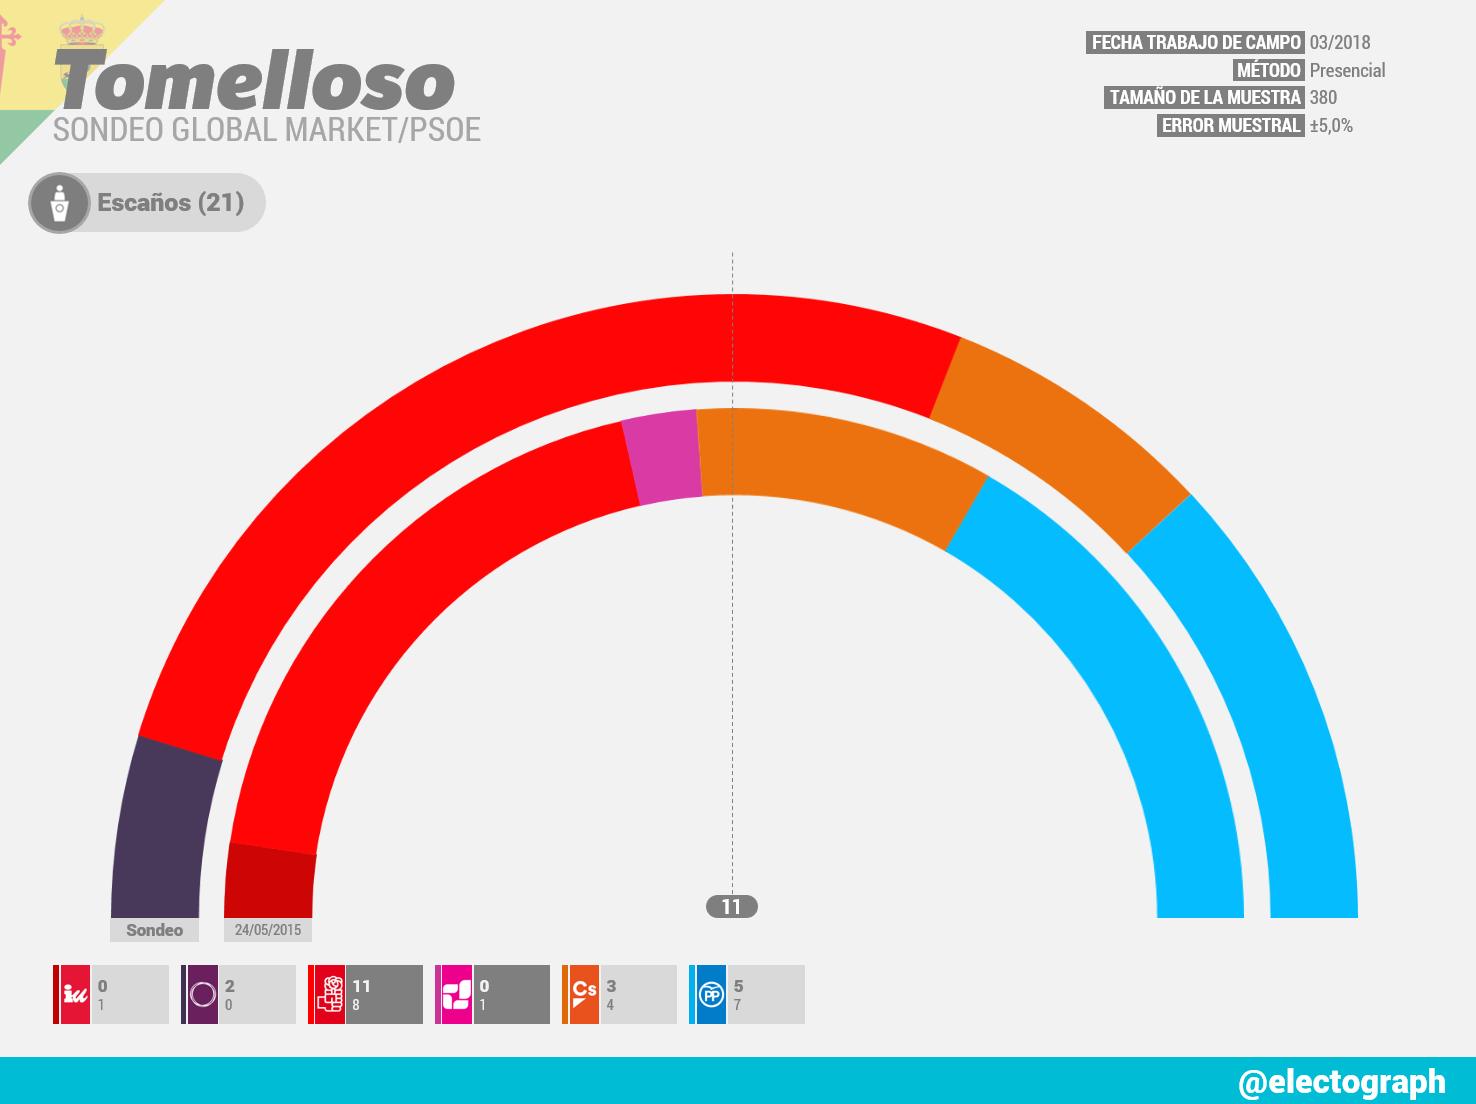 Gráfico de la encuesta para elecciones municipales en Tomelloso realizada por Global Market para el PSOE en marzo de 2018